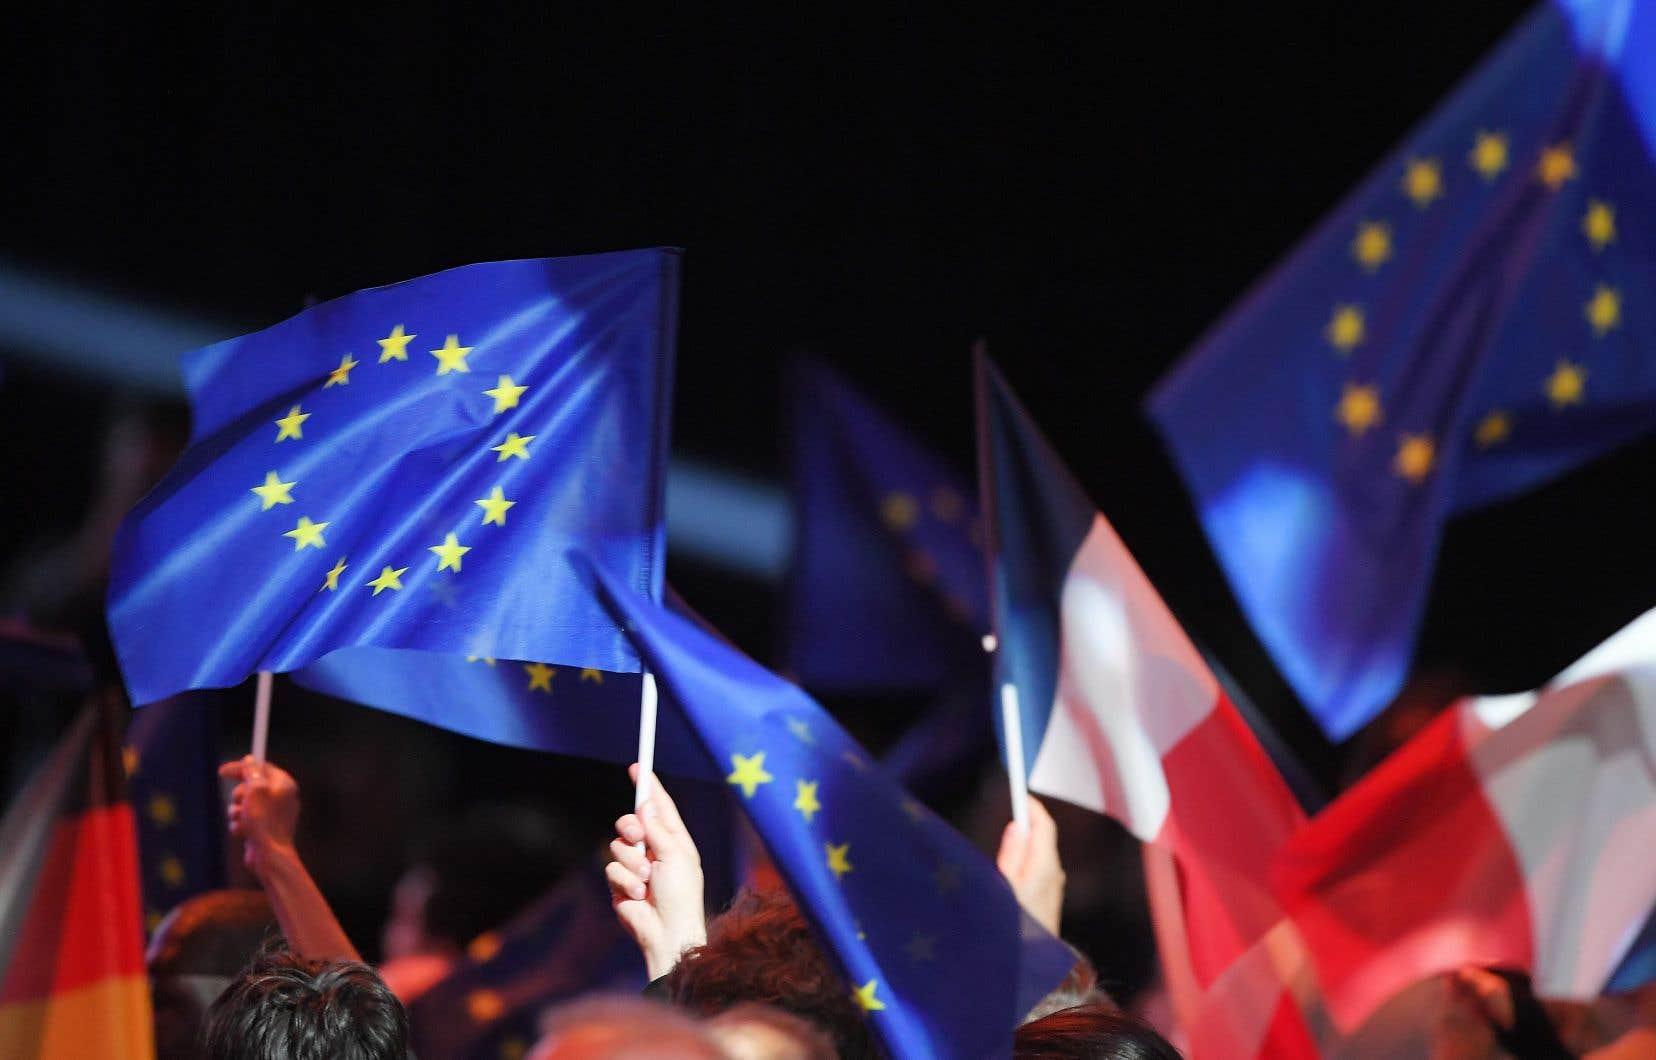 En France, après six mois de manifestation des gilets jaunes et à cause de l'implication personnelle du président, la campagne a pris l'allure d'un plébiscite pour ou contre Emmanuel Macron.